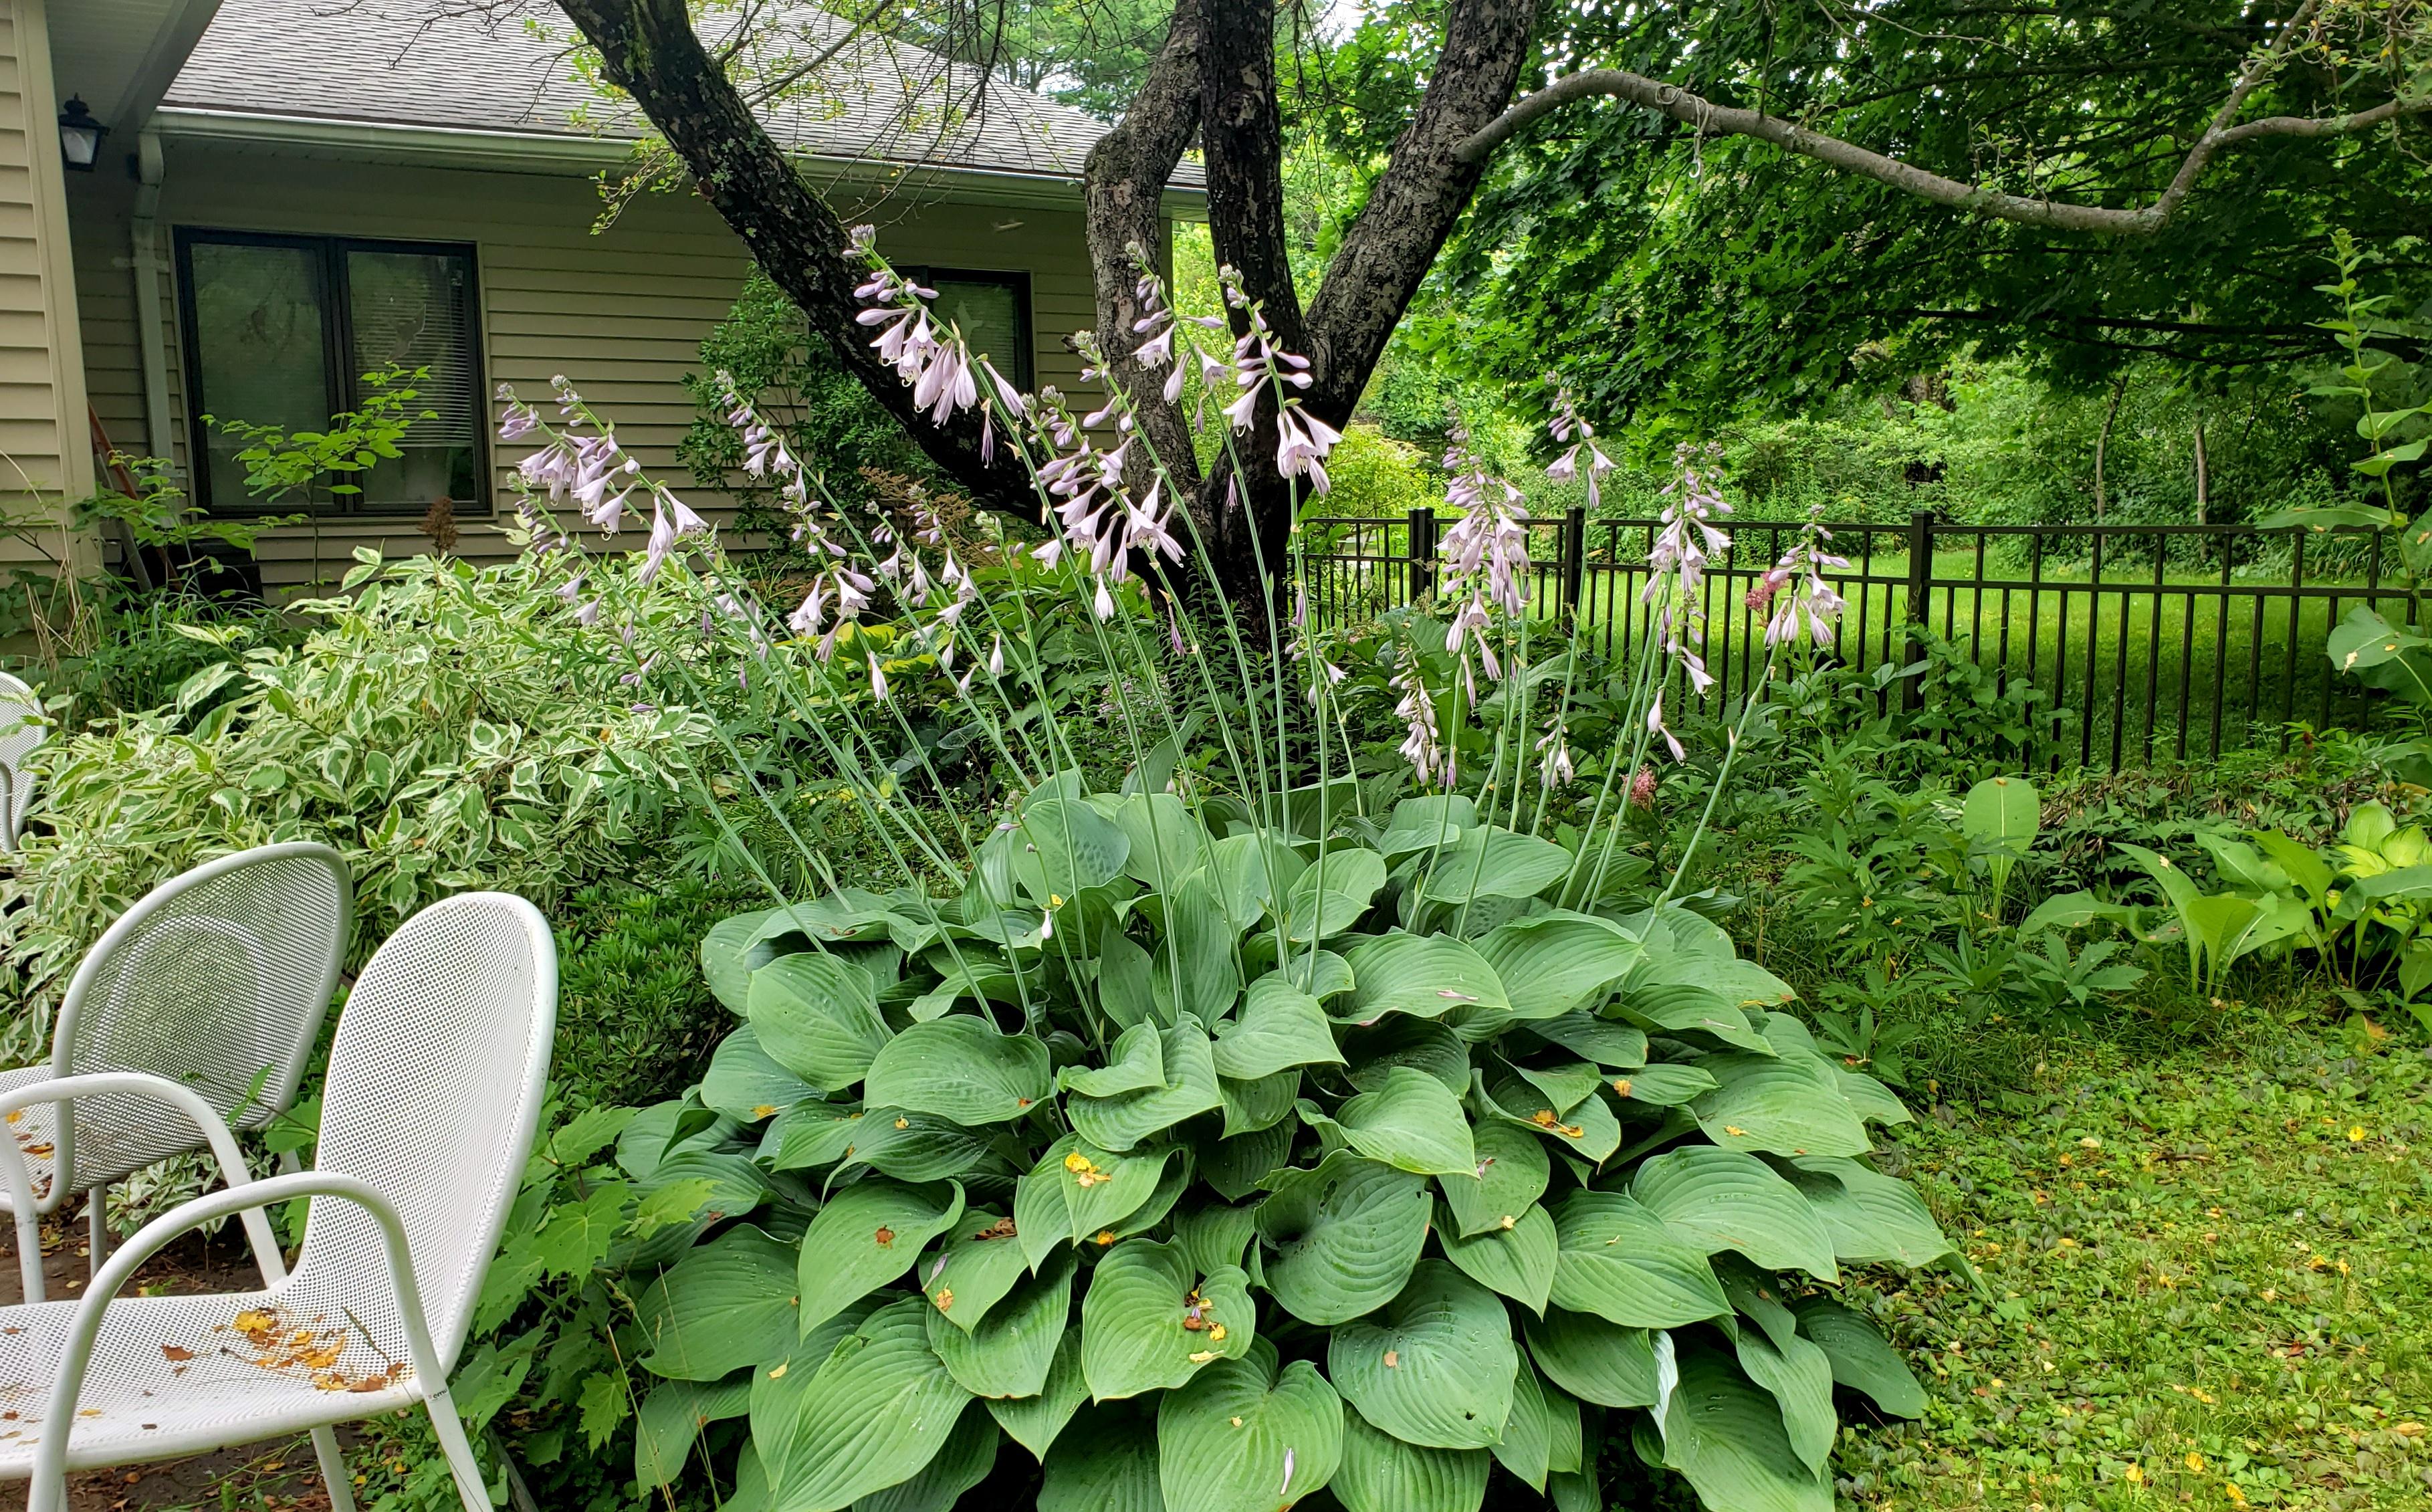 gianthostafloweringpatiochairsshadegarden23July2020